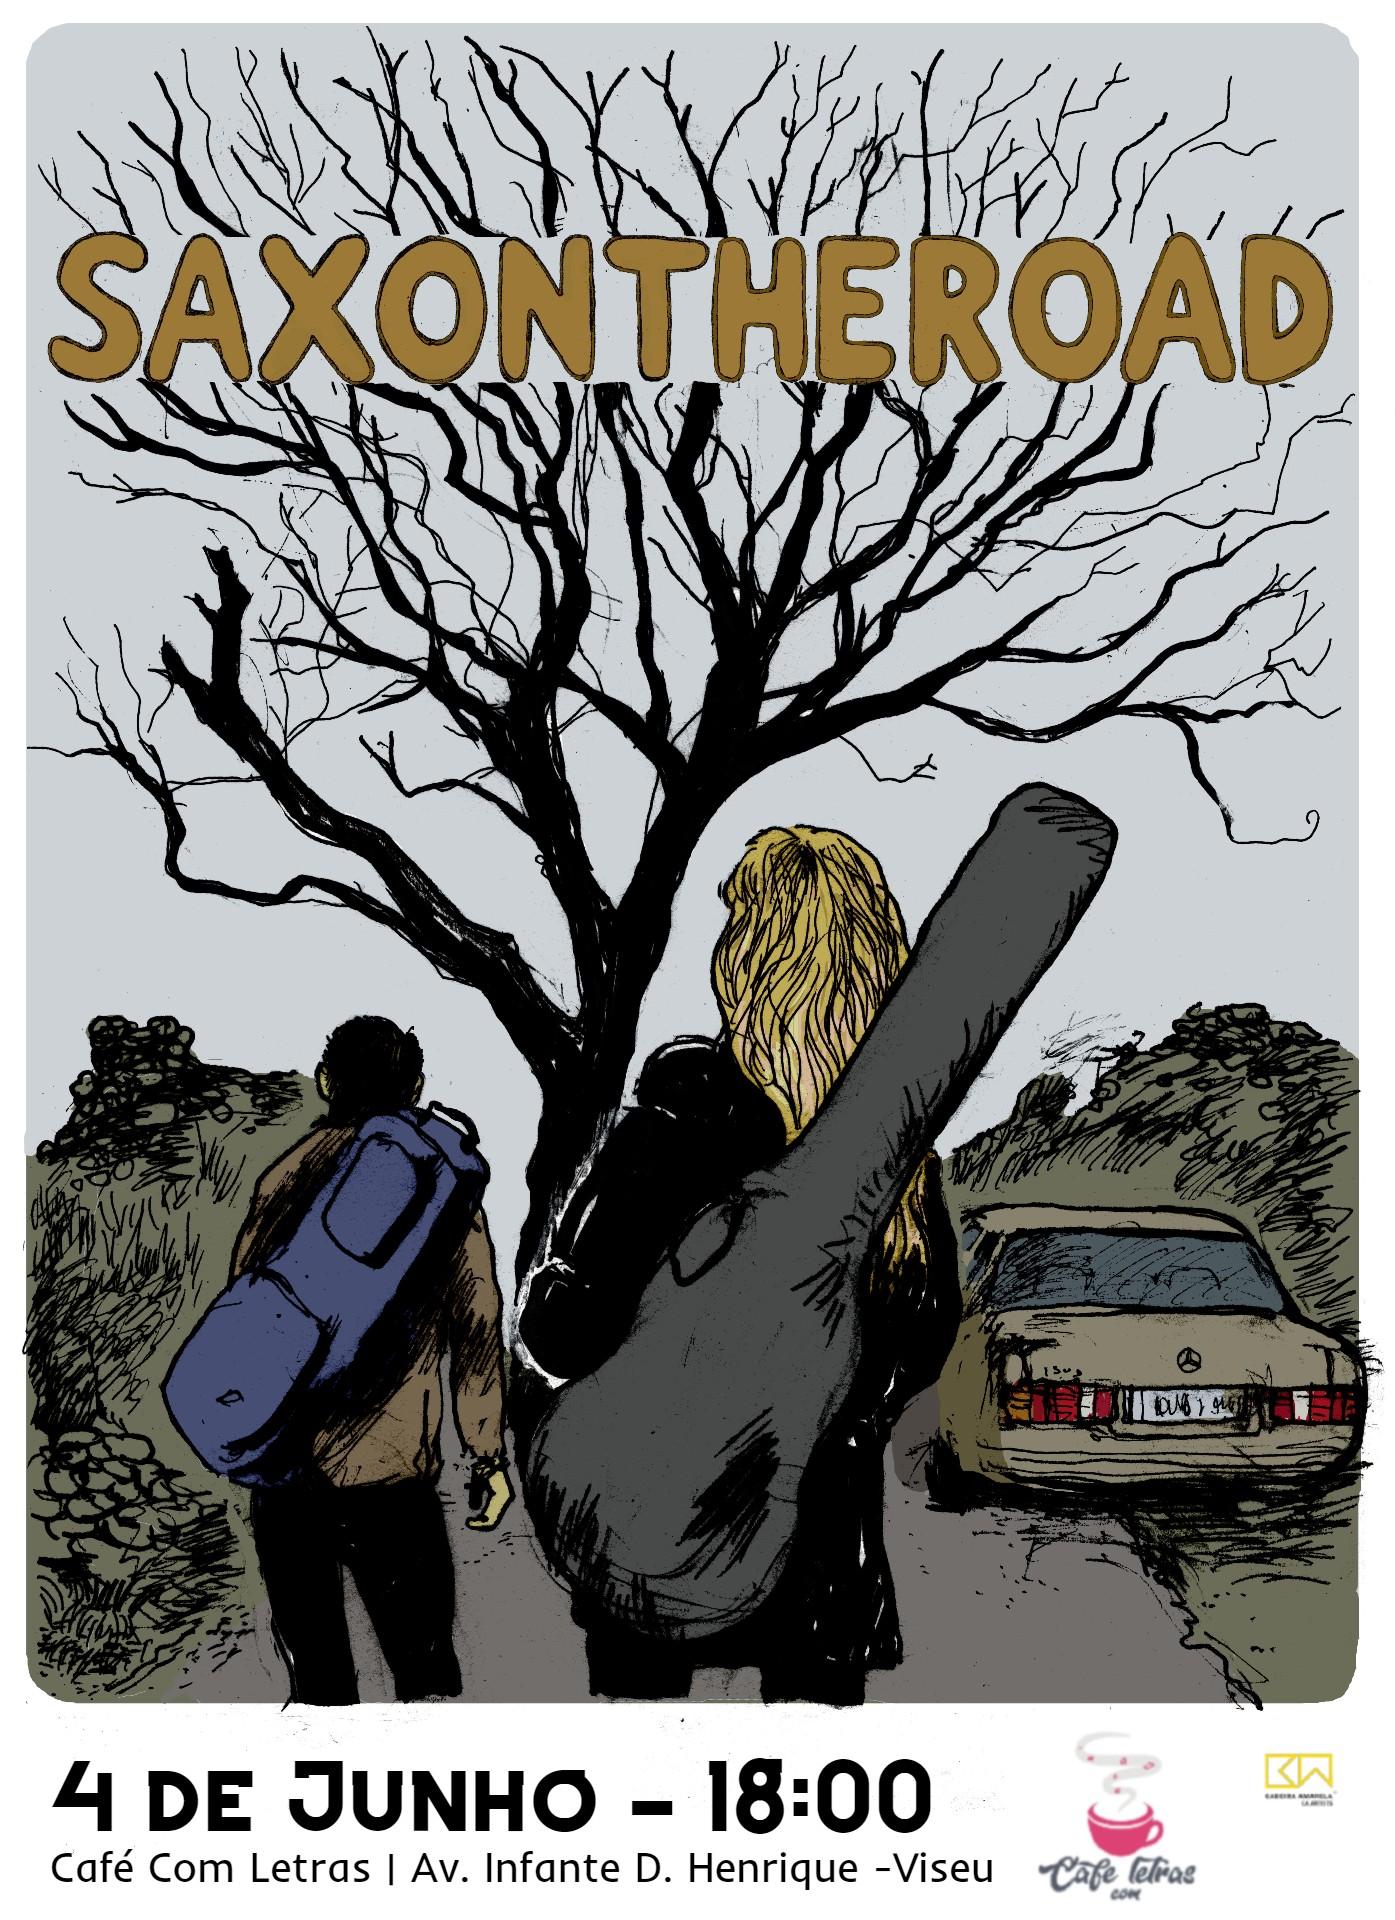 Sax On The Road | Café com Letras